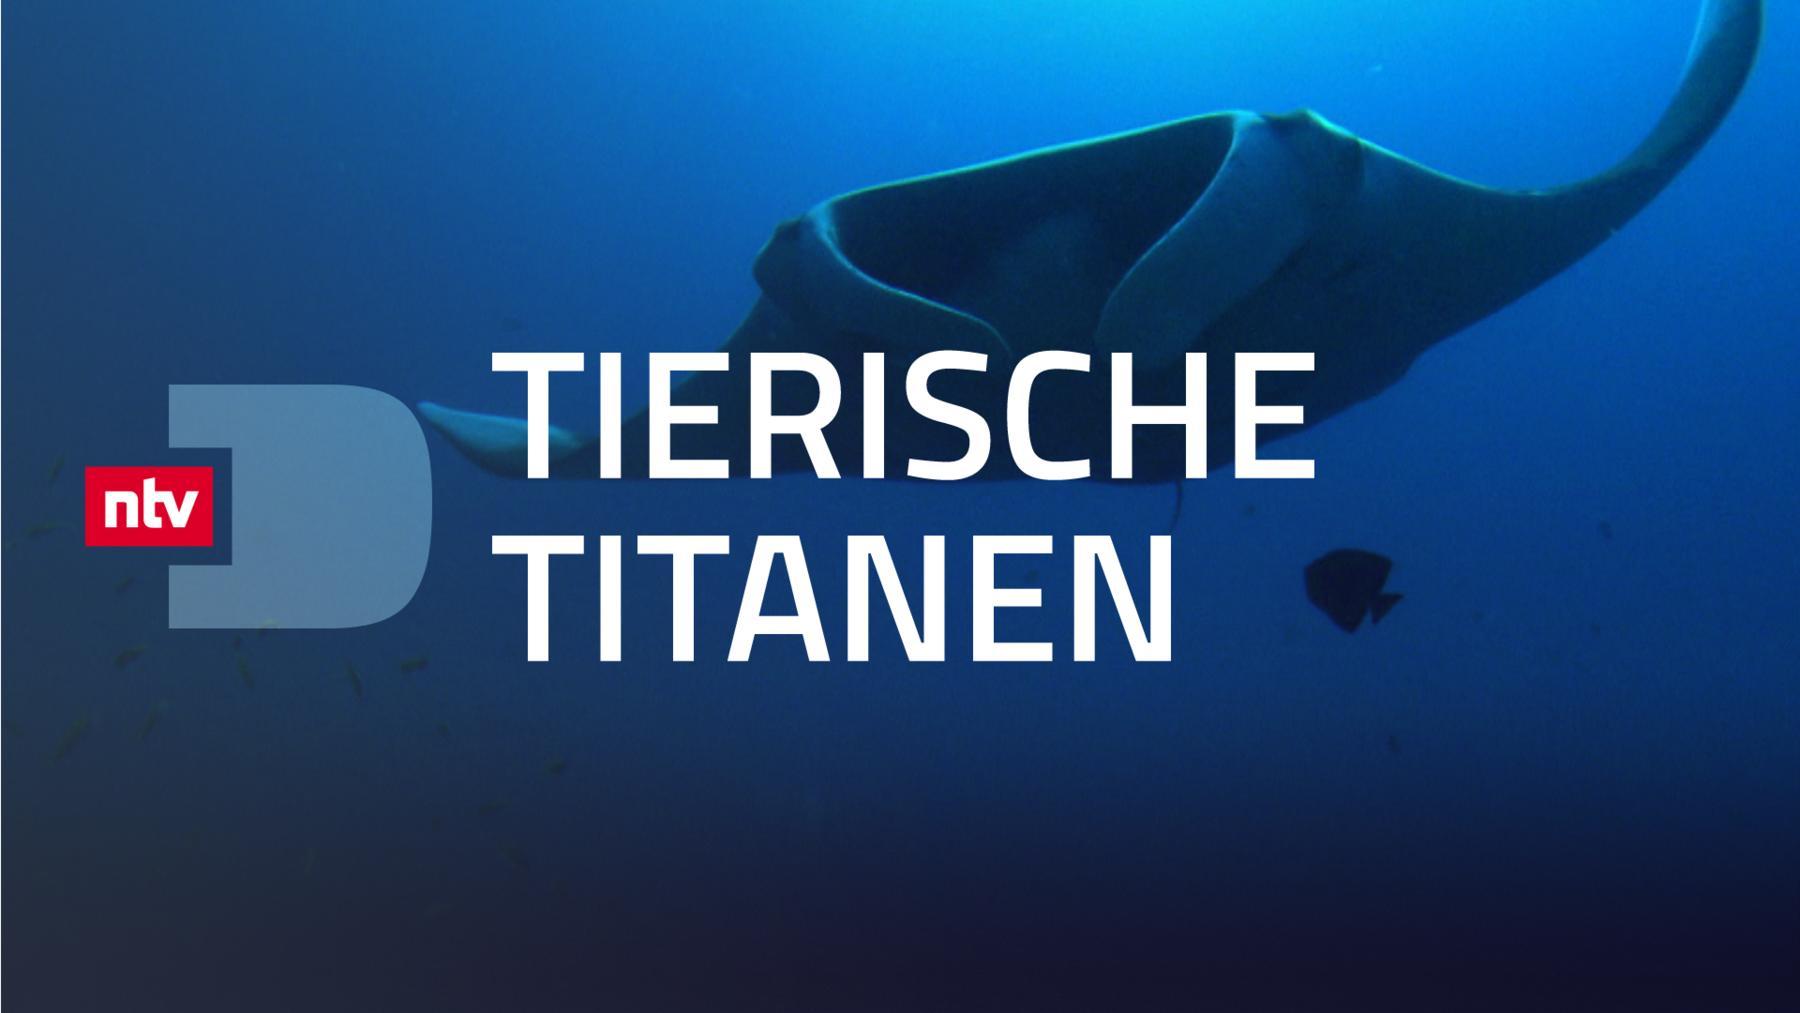 Tierische Titanen